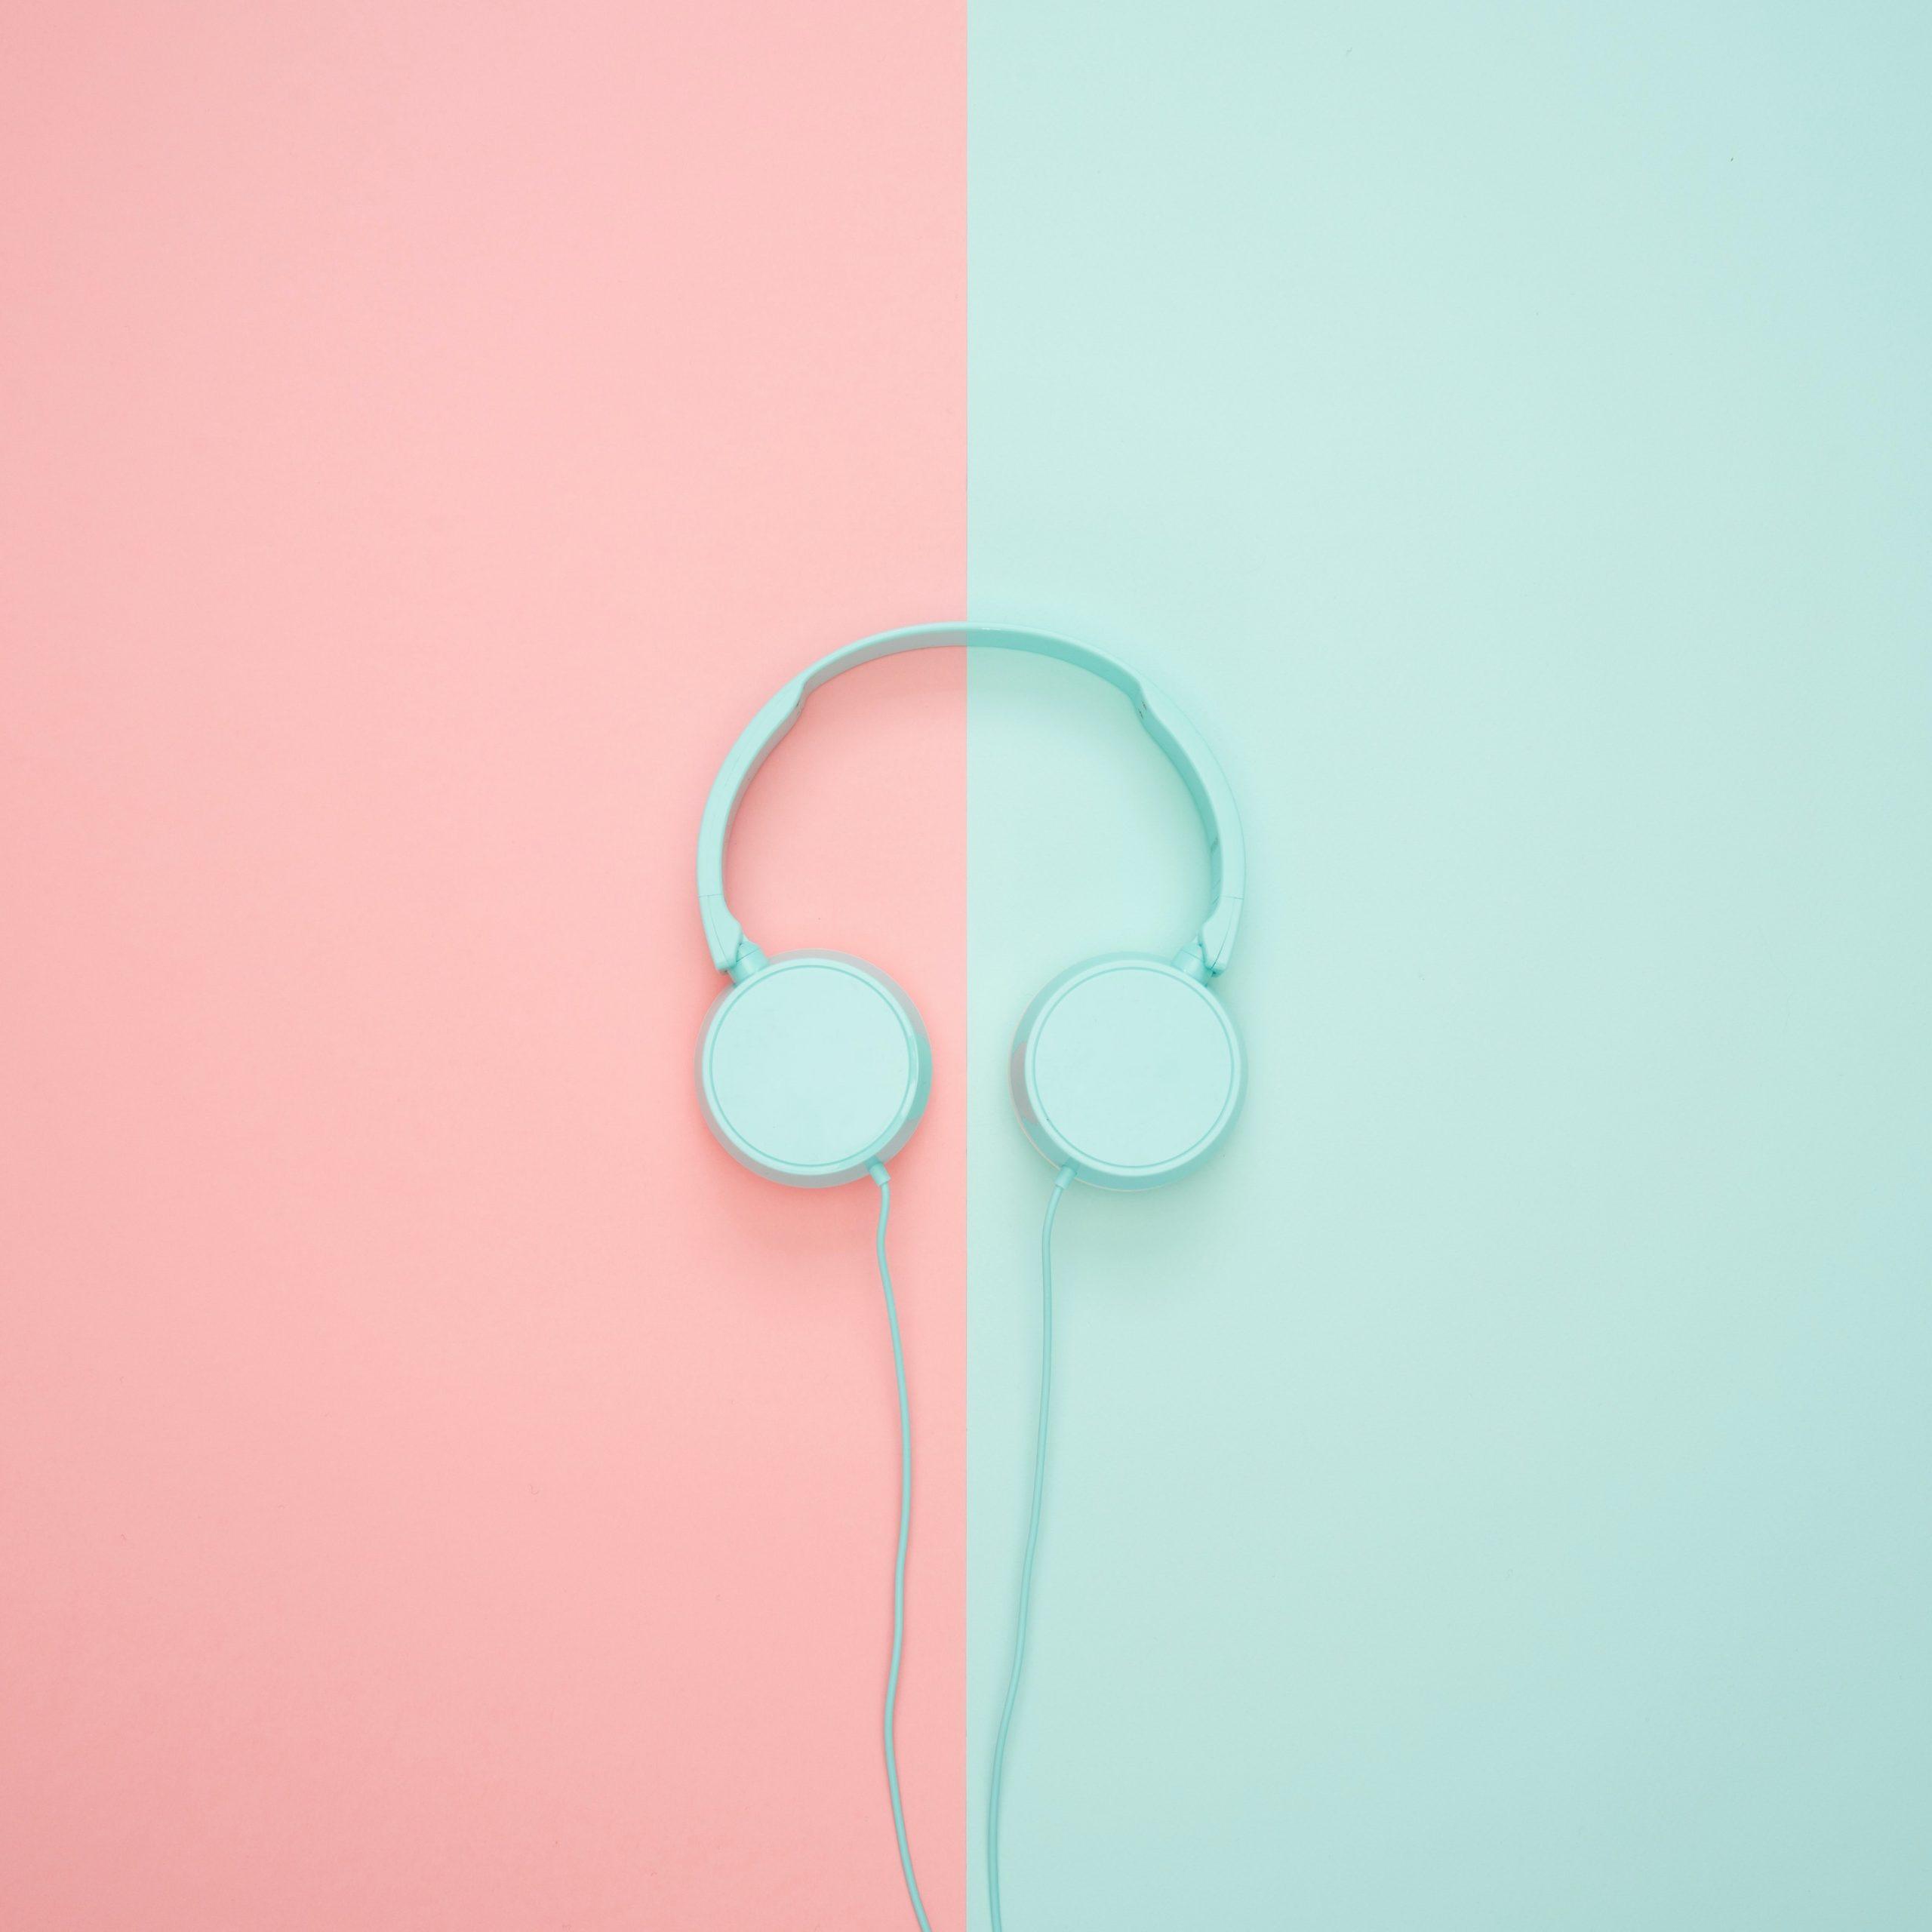 Dataforbrug_ved_streaming_af_musik